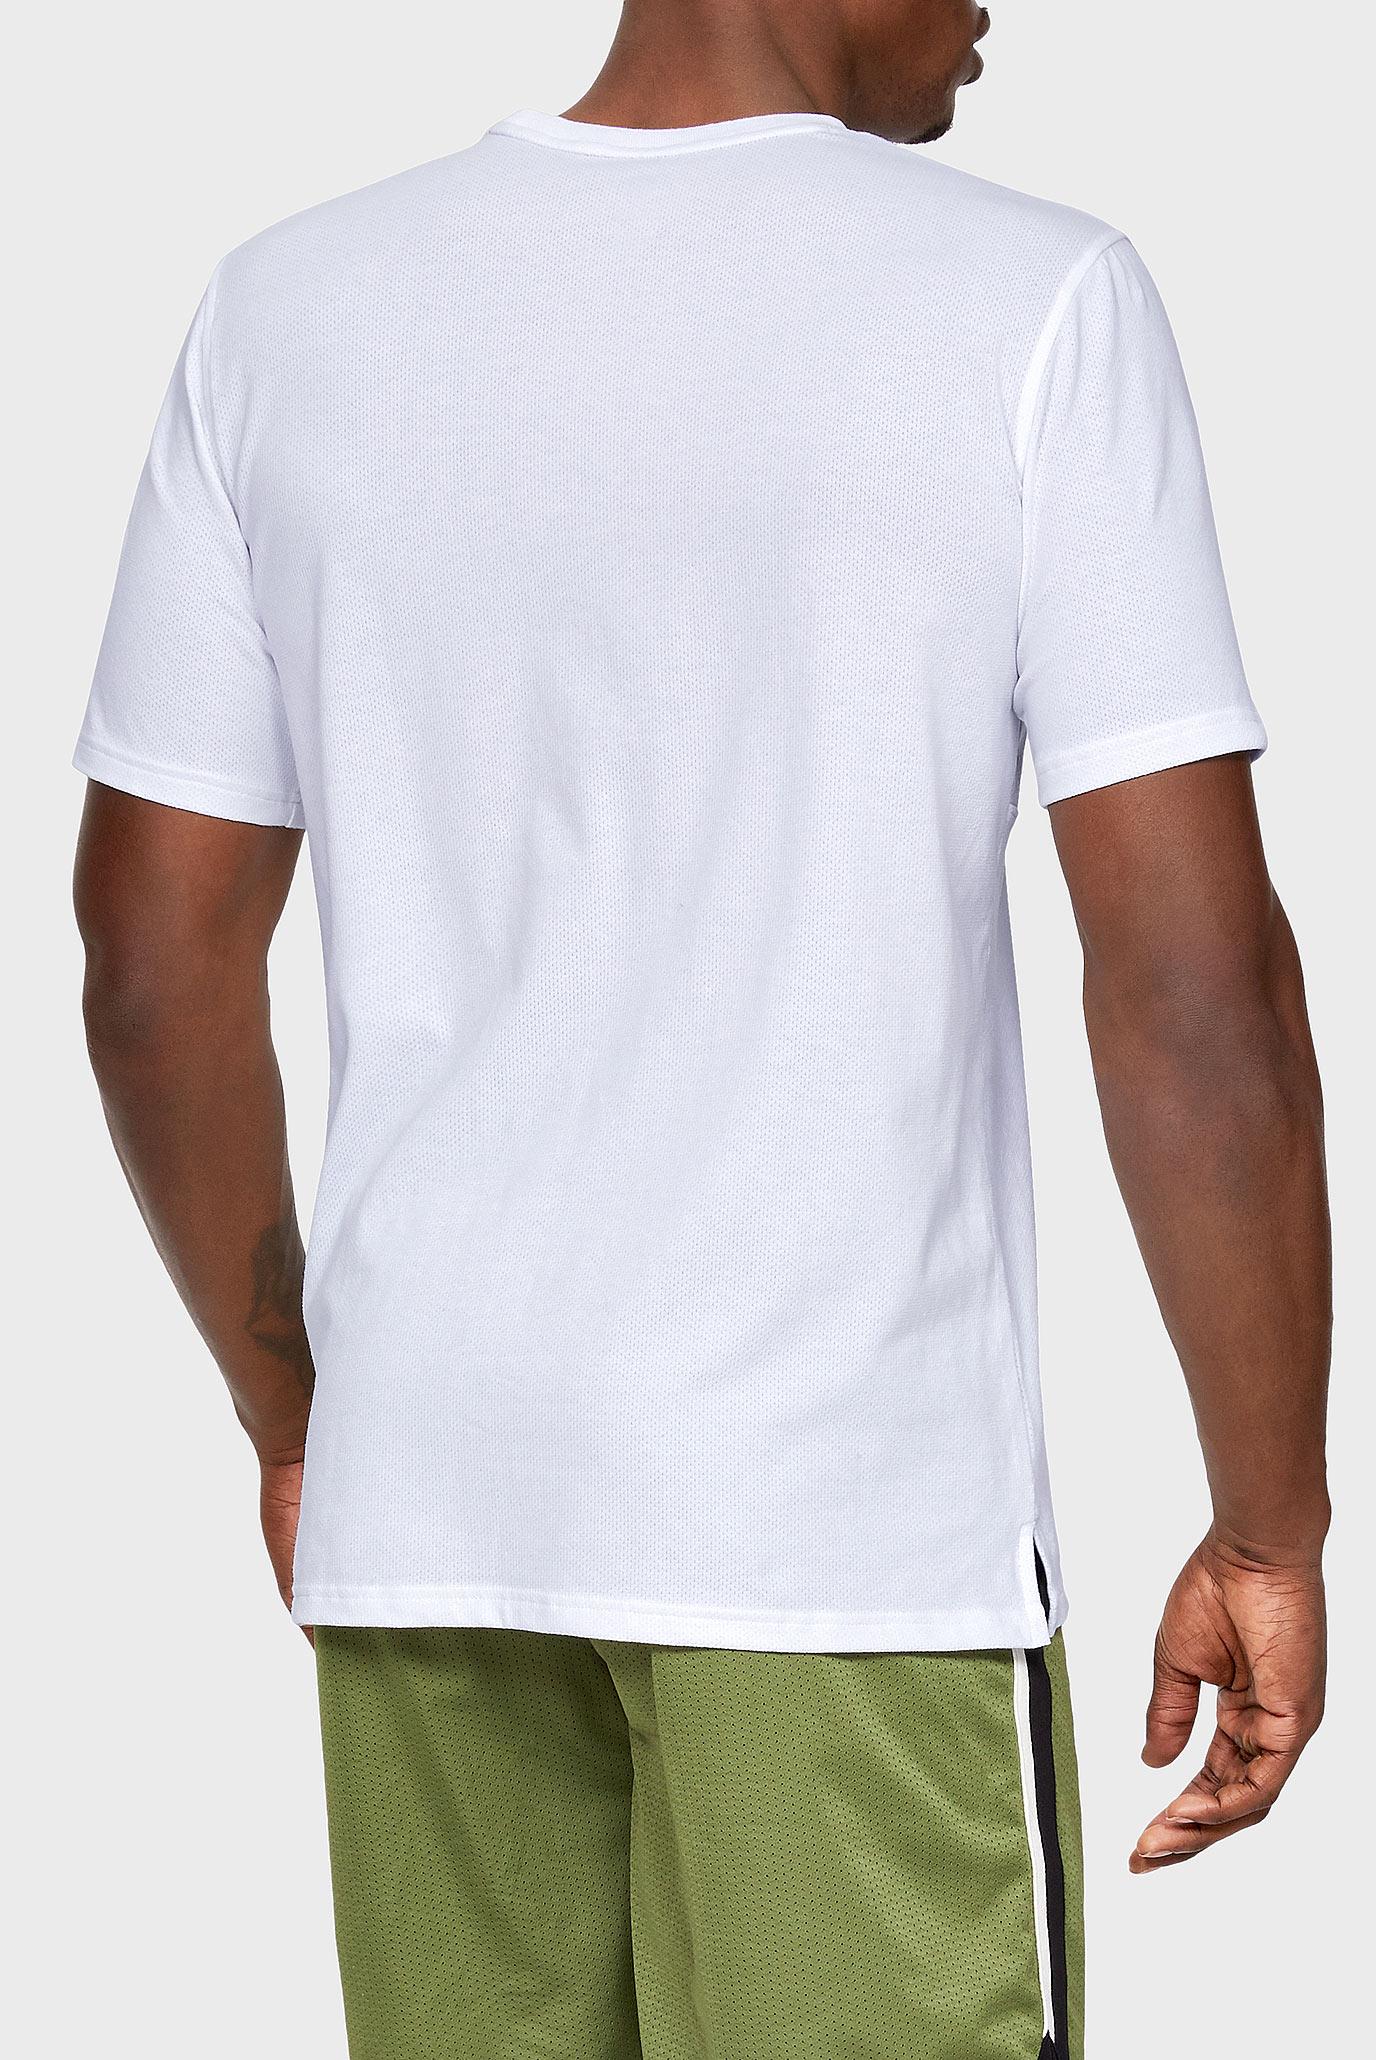 Купить Мужская белая футболка SPORTSTYLE Under Armour Under Armour 1329279-100 – Киев, Украина. Цены в интернет магазине MD Fashion